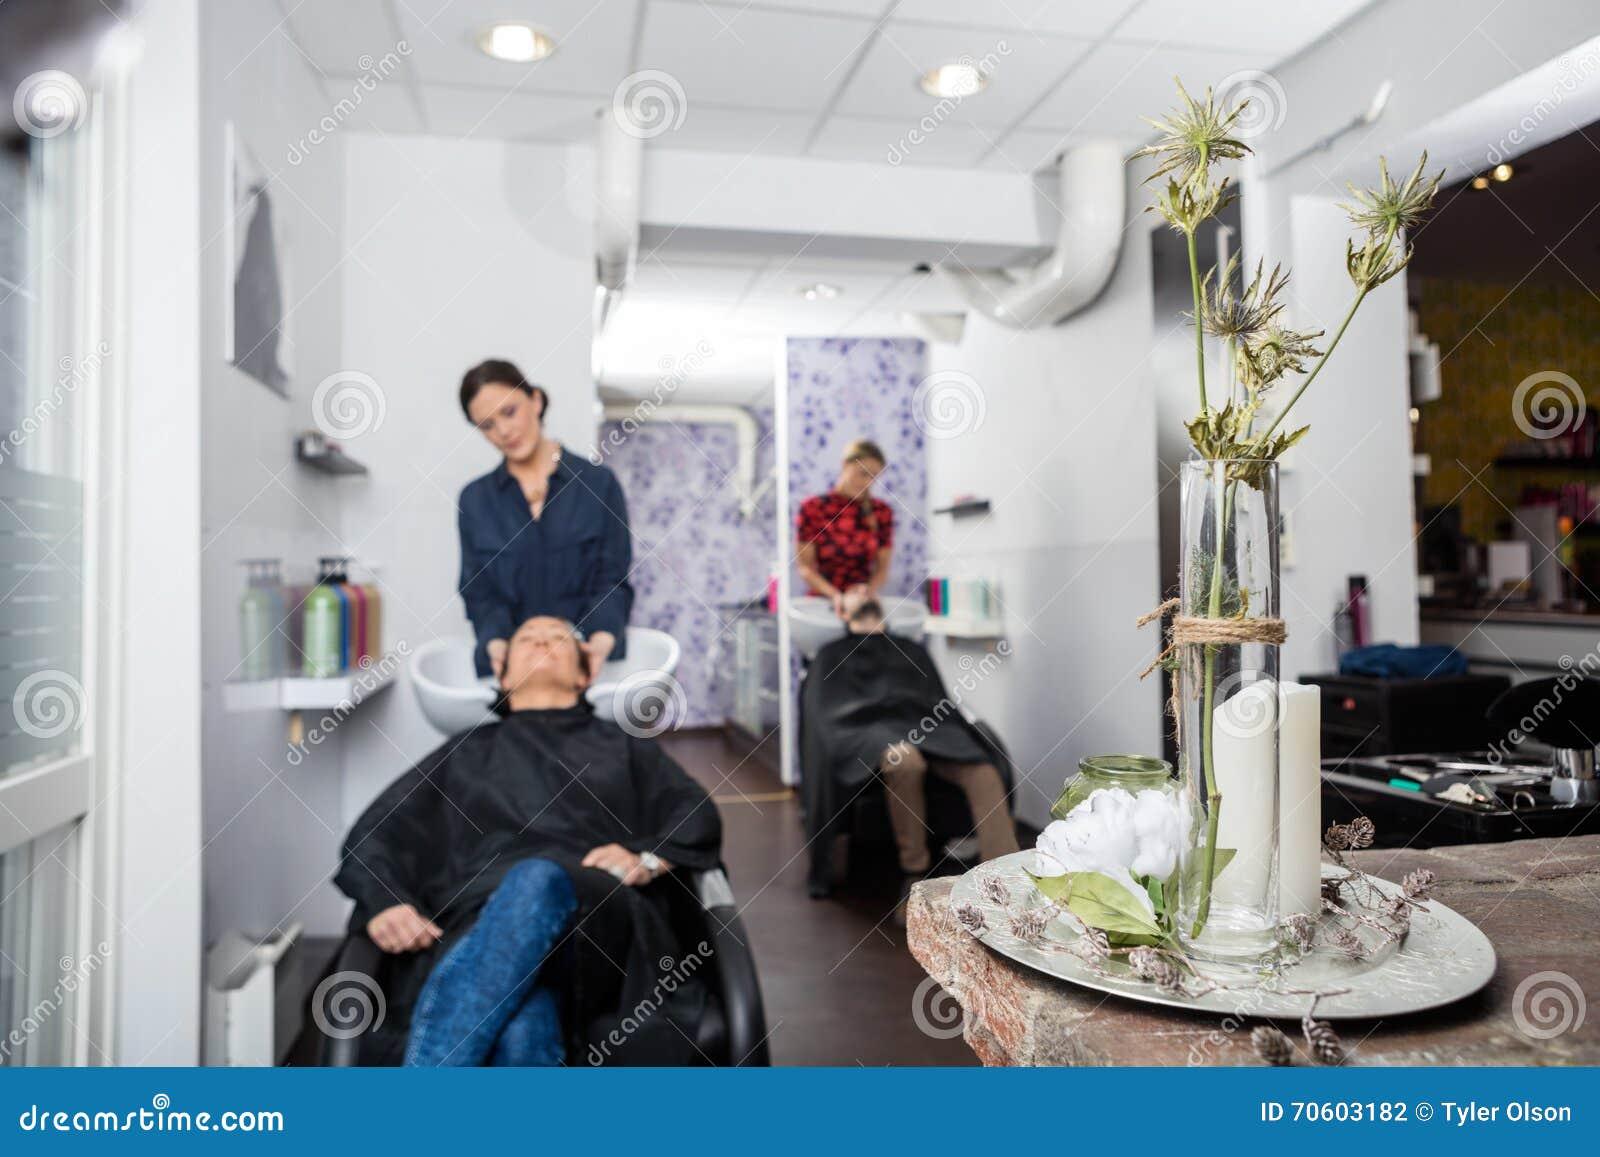 Vase Fleur Sur Le Tableau Dans Le Salon De Coiffure Photo Stock